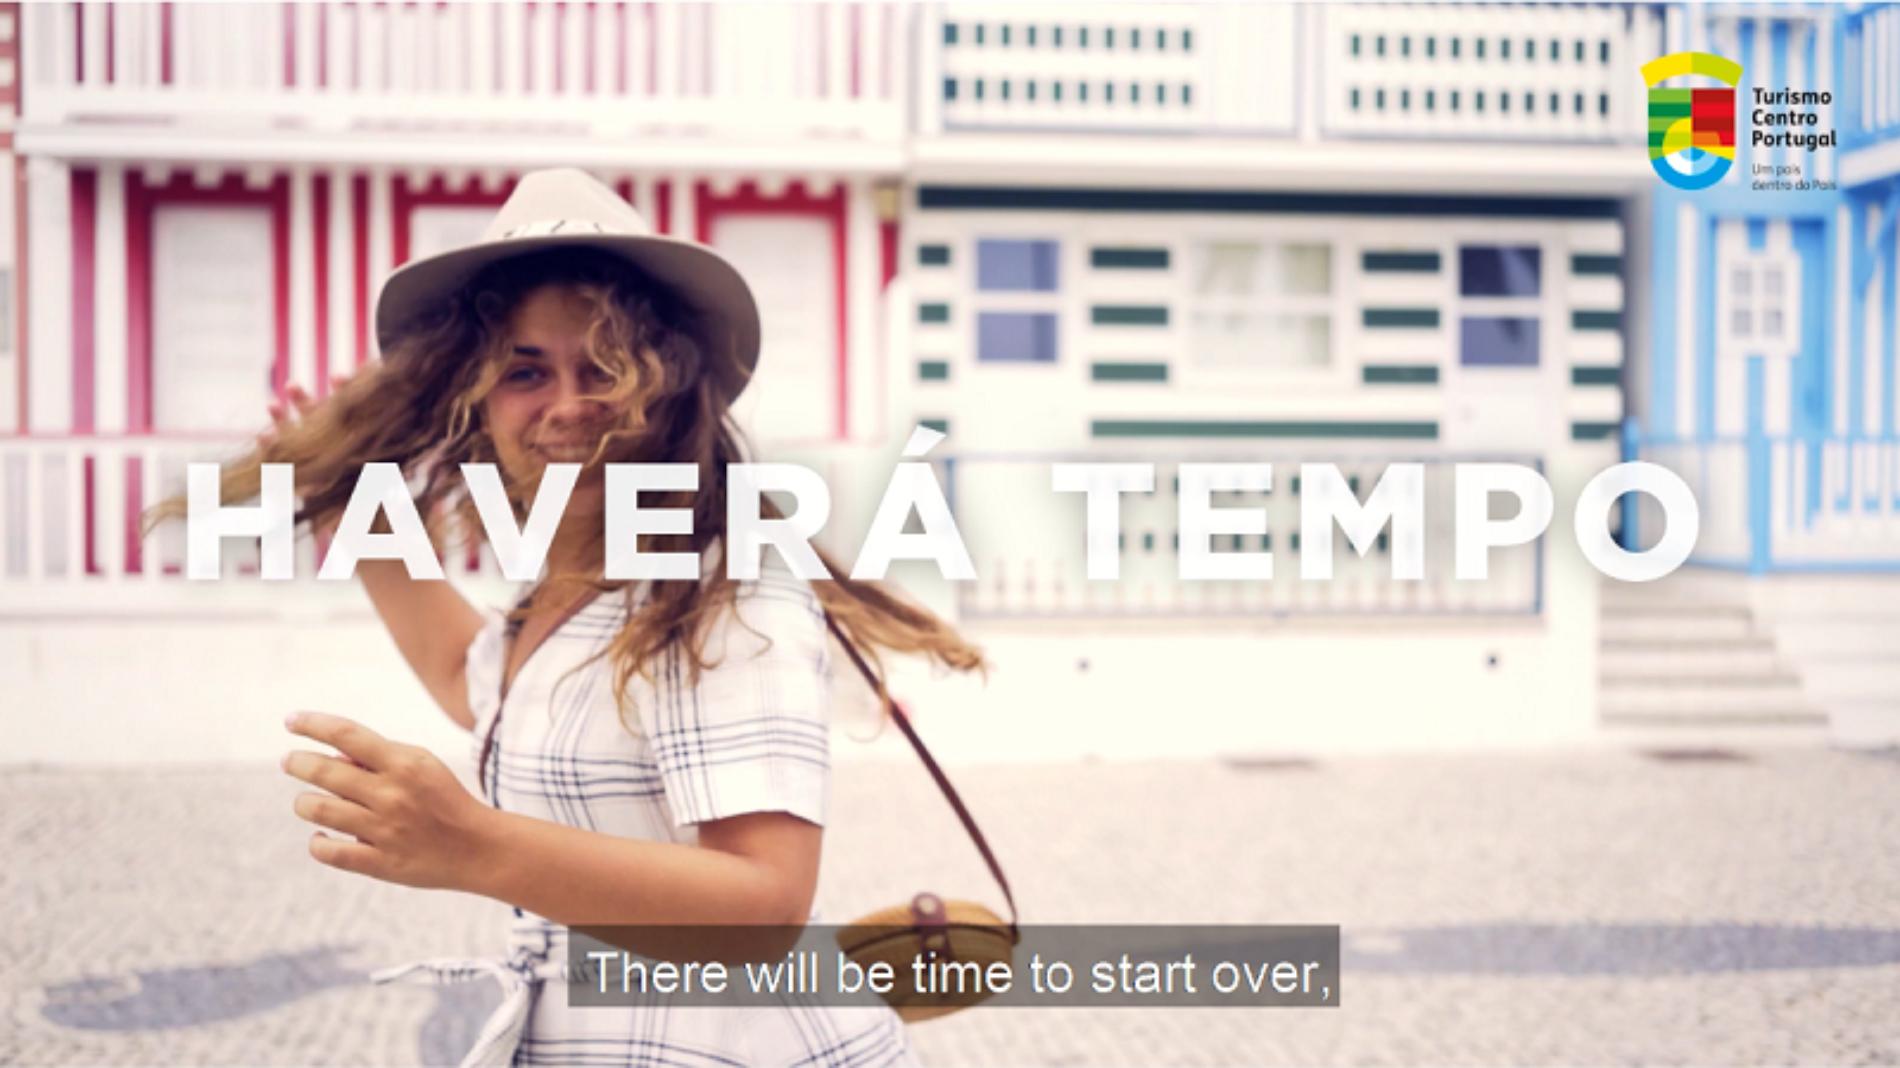 """Turismo Centro de Portugal: Filme """"Haverá Tempo"""" premiado nos Estados Unidos"""